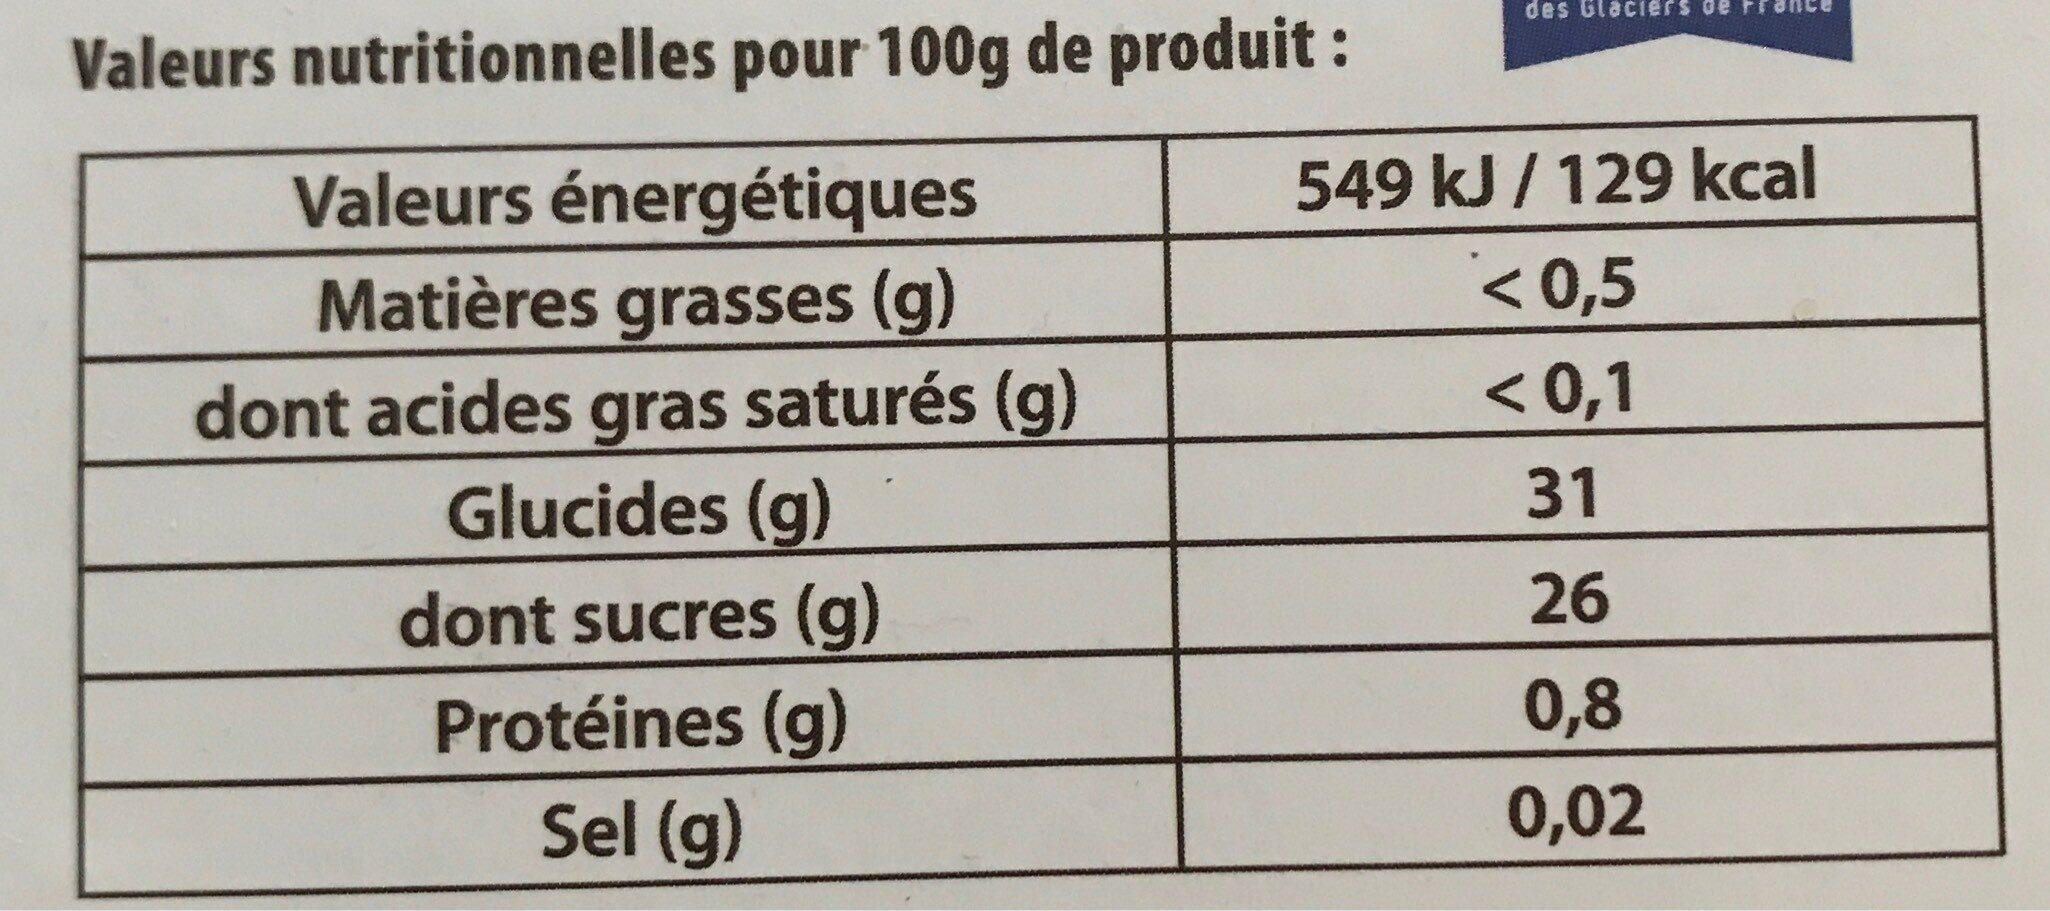 Sorbet fraise menthe MG Artisan Glacier en provence - Nutrition facts - fr